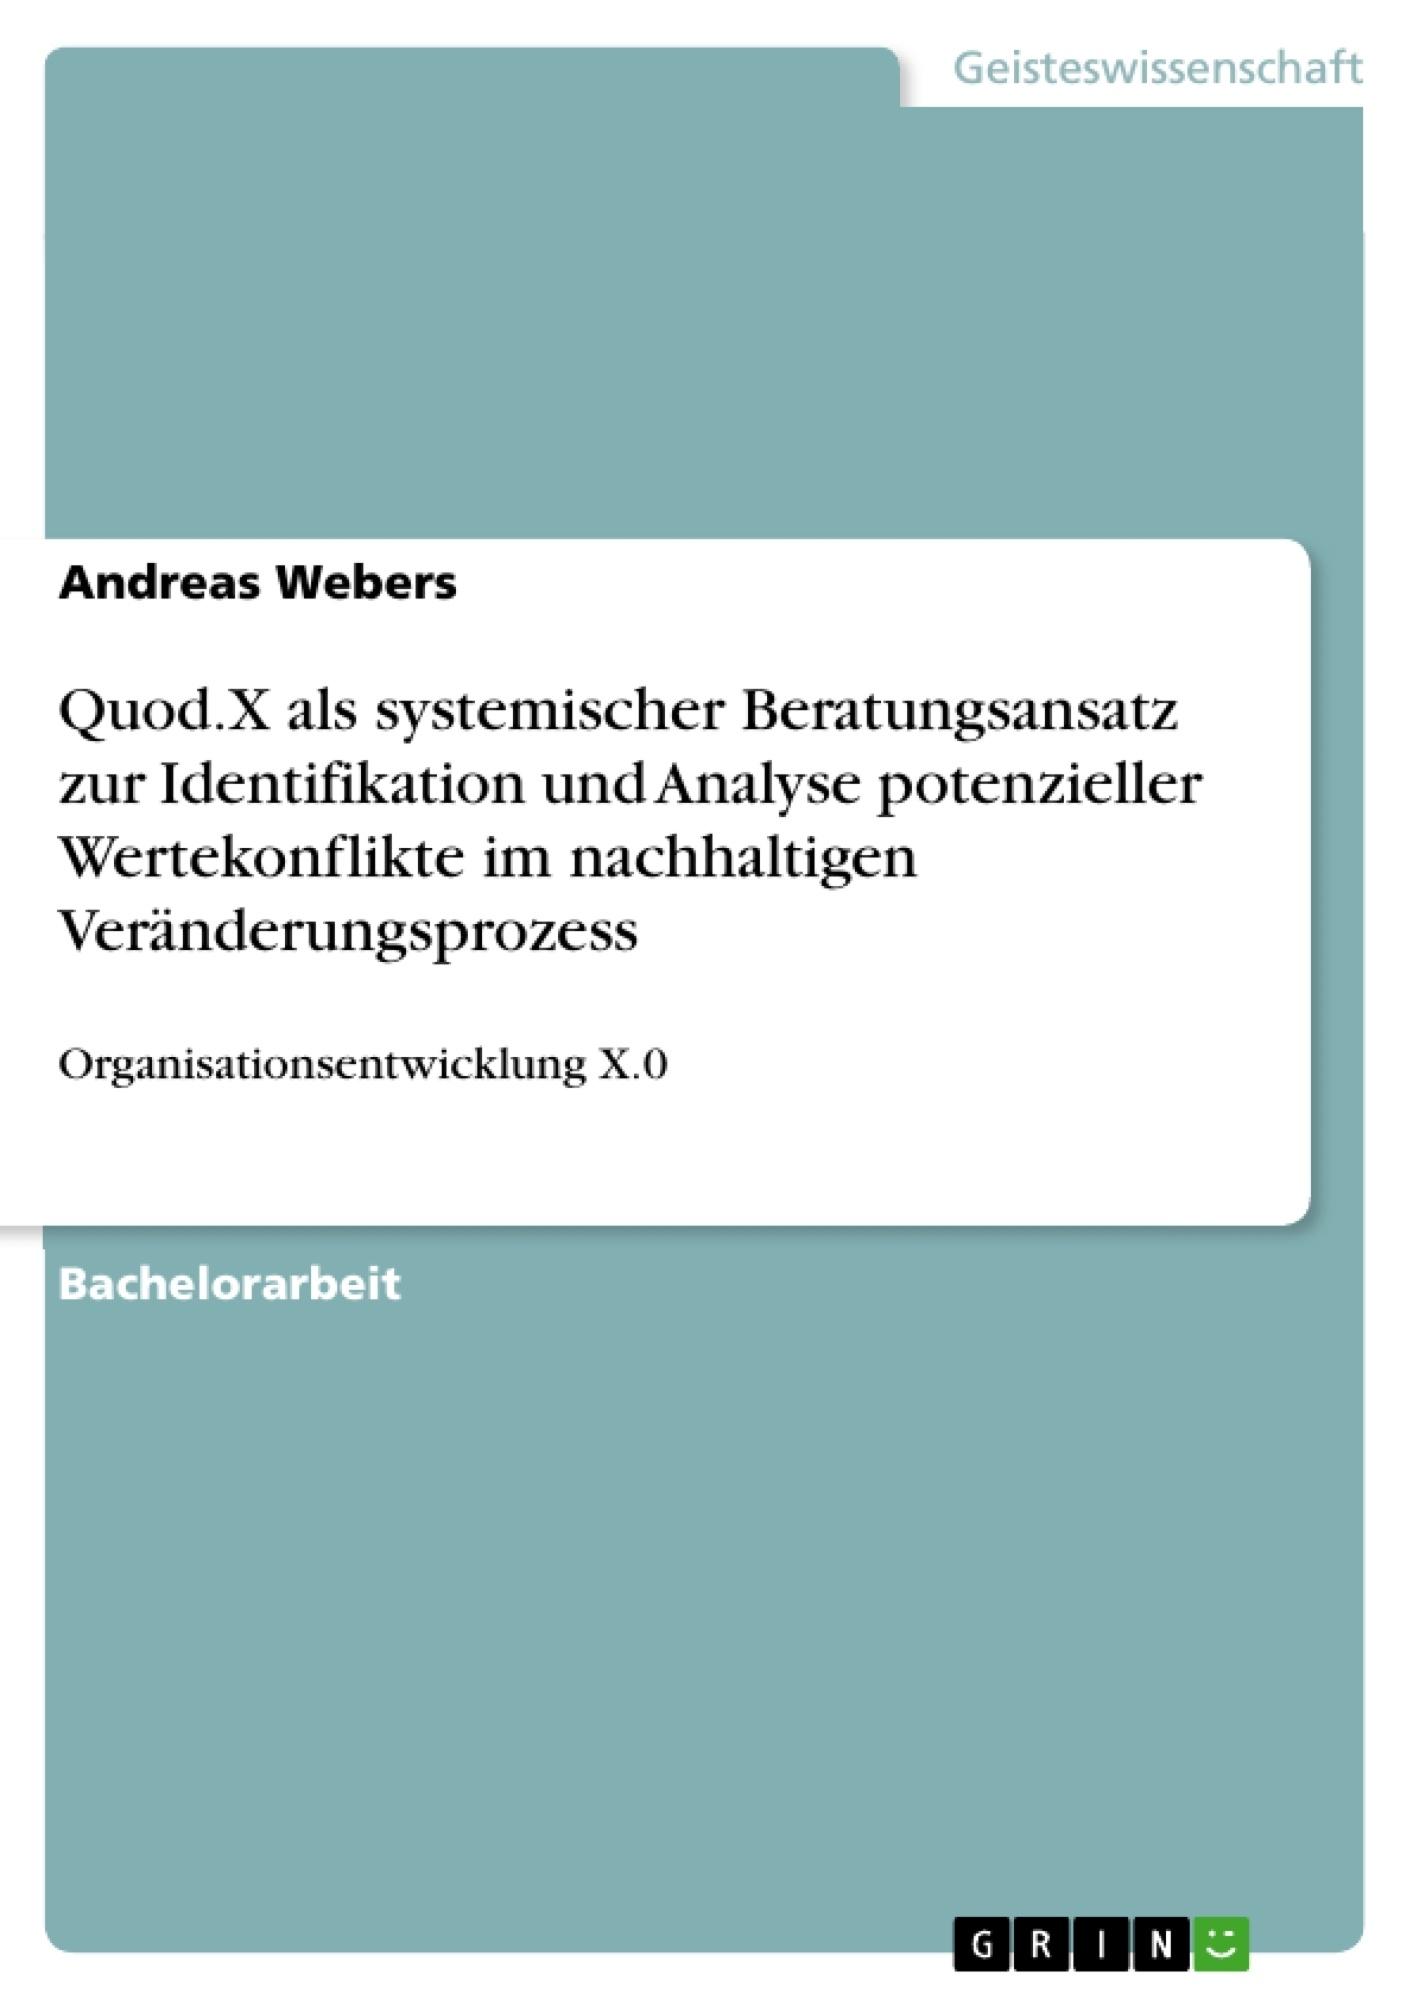 Titel: Quod.X als systemischer Beratungsansatz zur Identifikation und Analyse potenzieller Wertekonflikte im nachhaltigen Veränderungsprozess